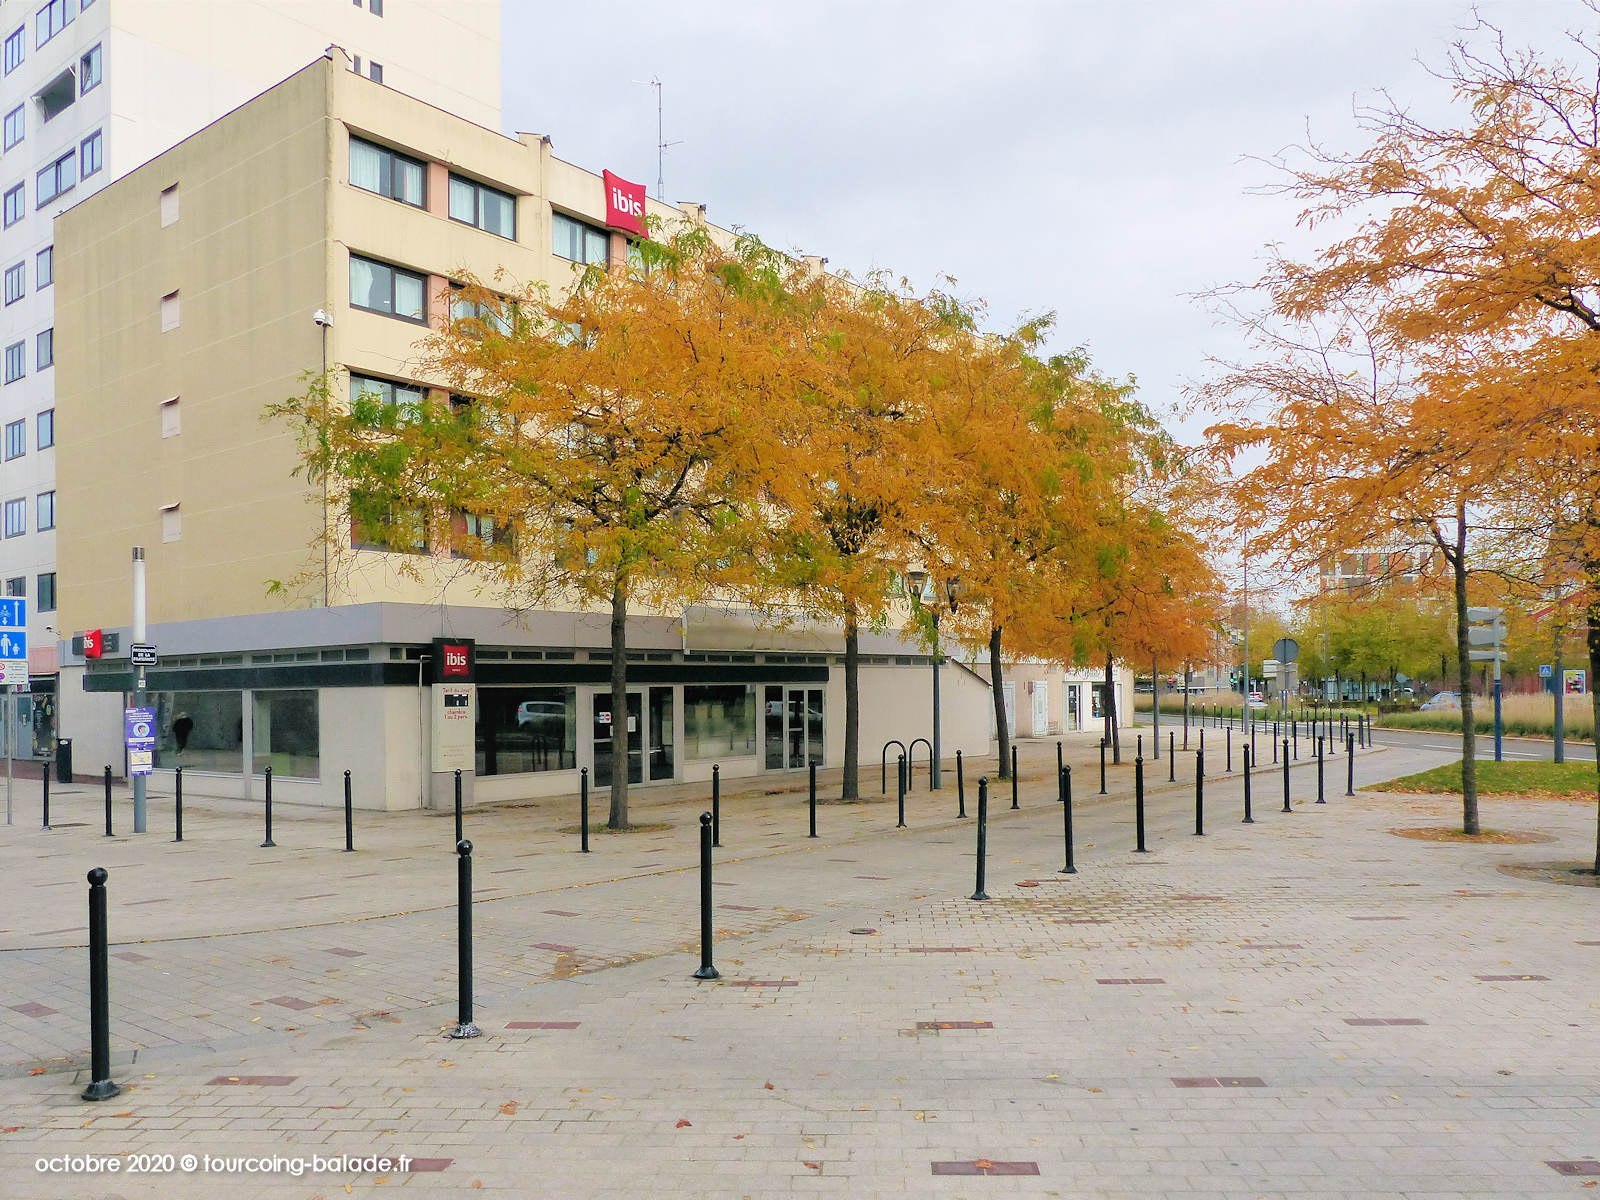 Hôtel Ibis, Tourcoing 2020